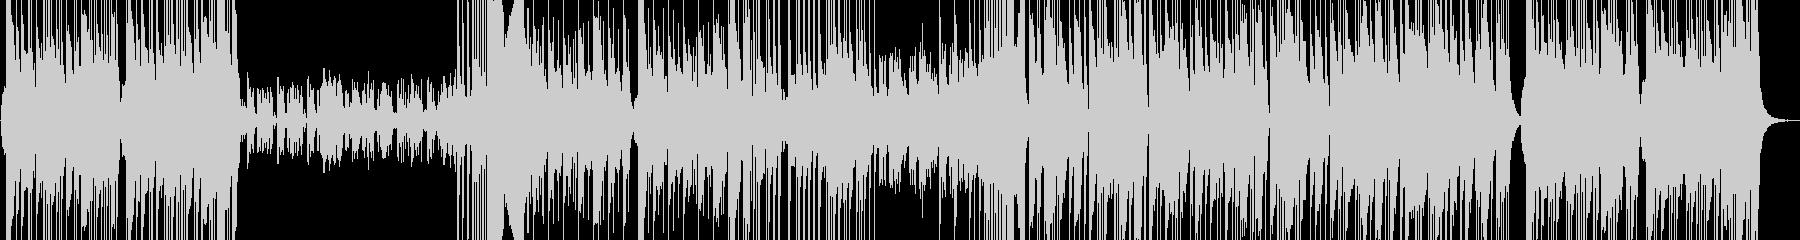 オーケストラ風の三拍子ミッドテンポの未再生の波形